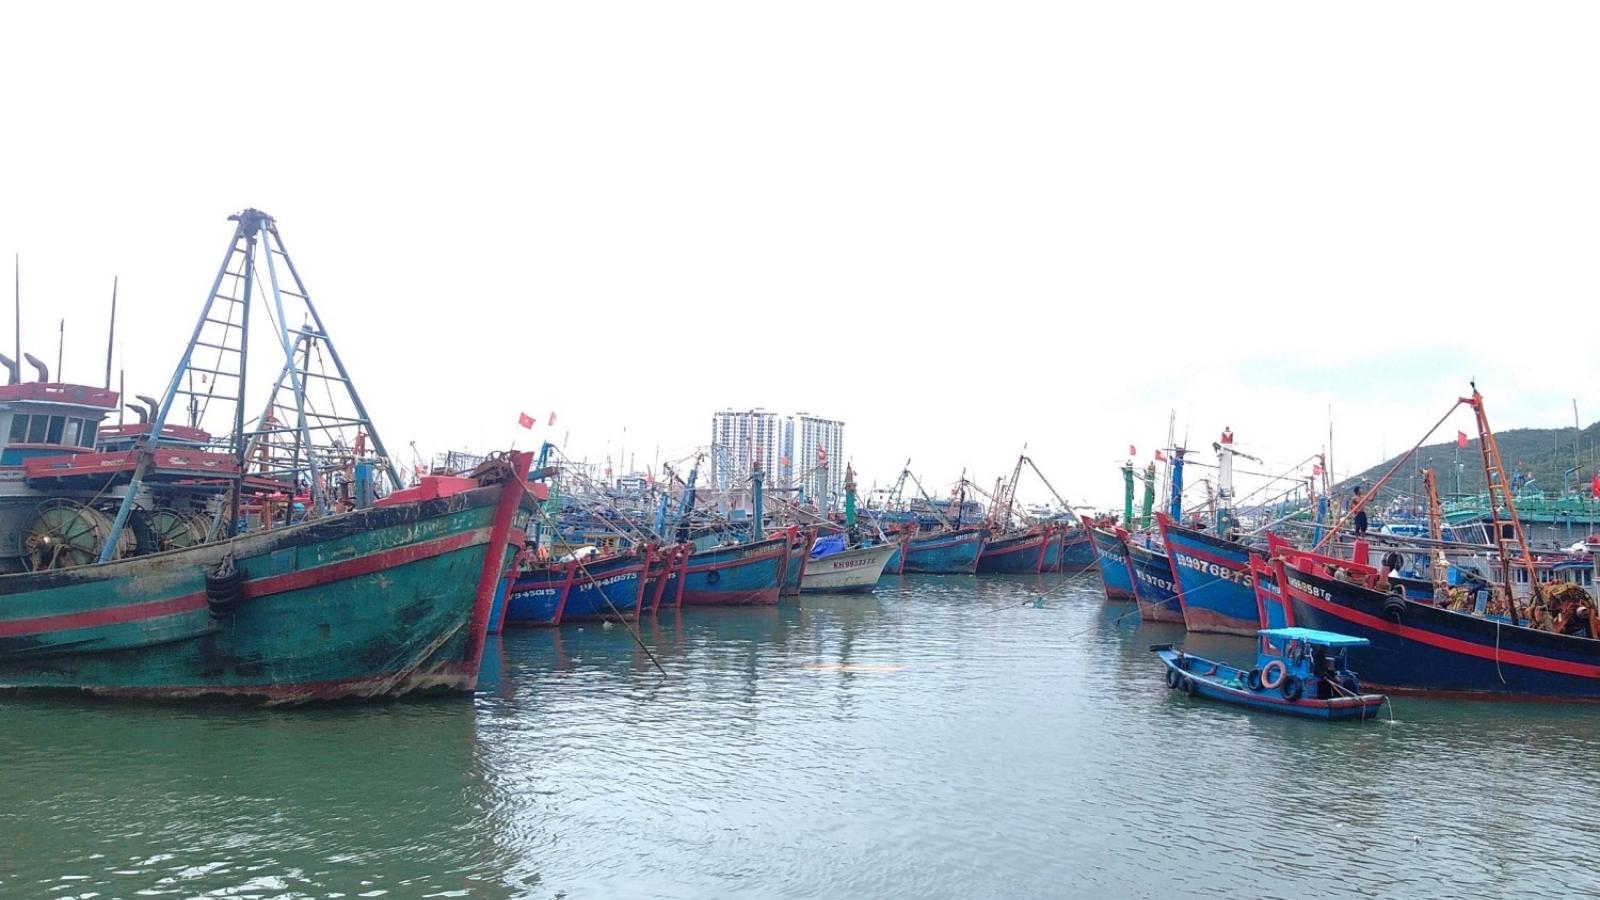 Ngư dân gặp khó vì tàu cá không có giấy đảm bảo an toàn vệ sinh thực phẩm